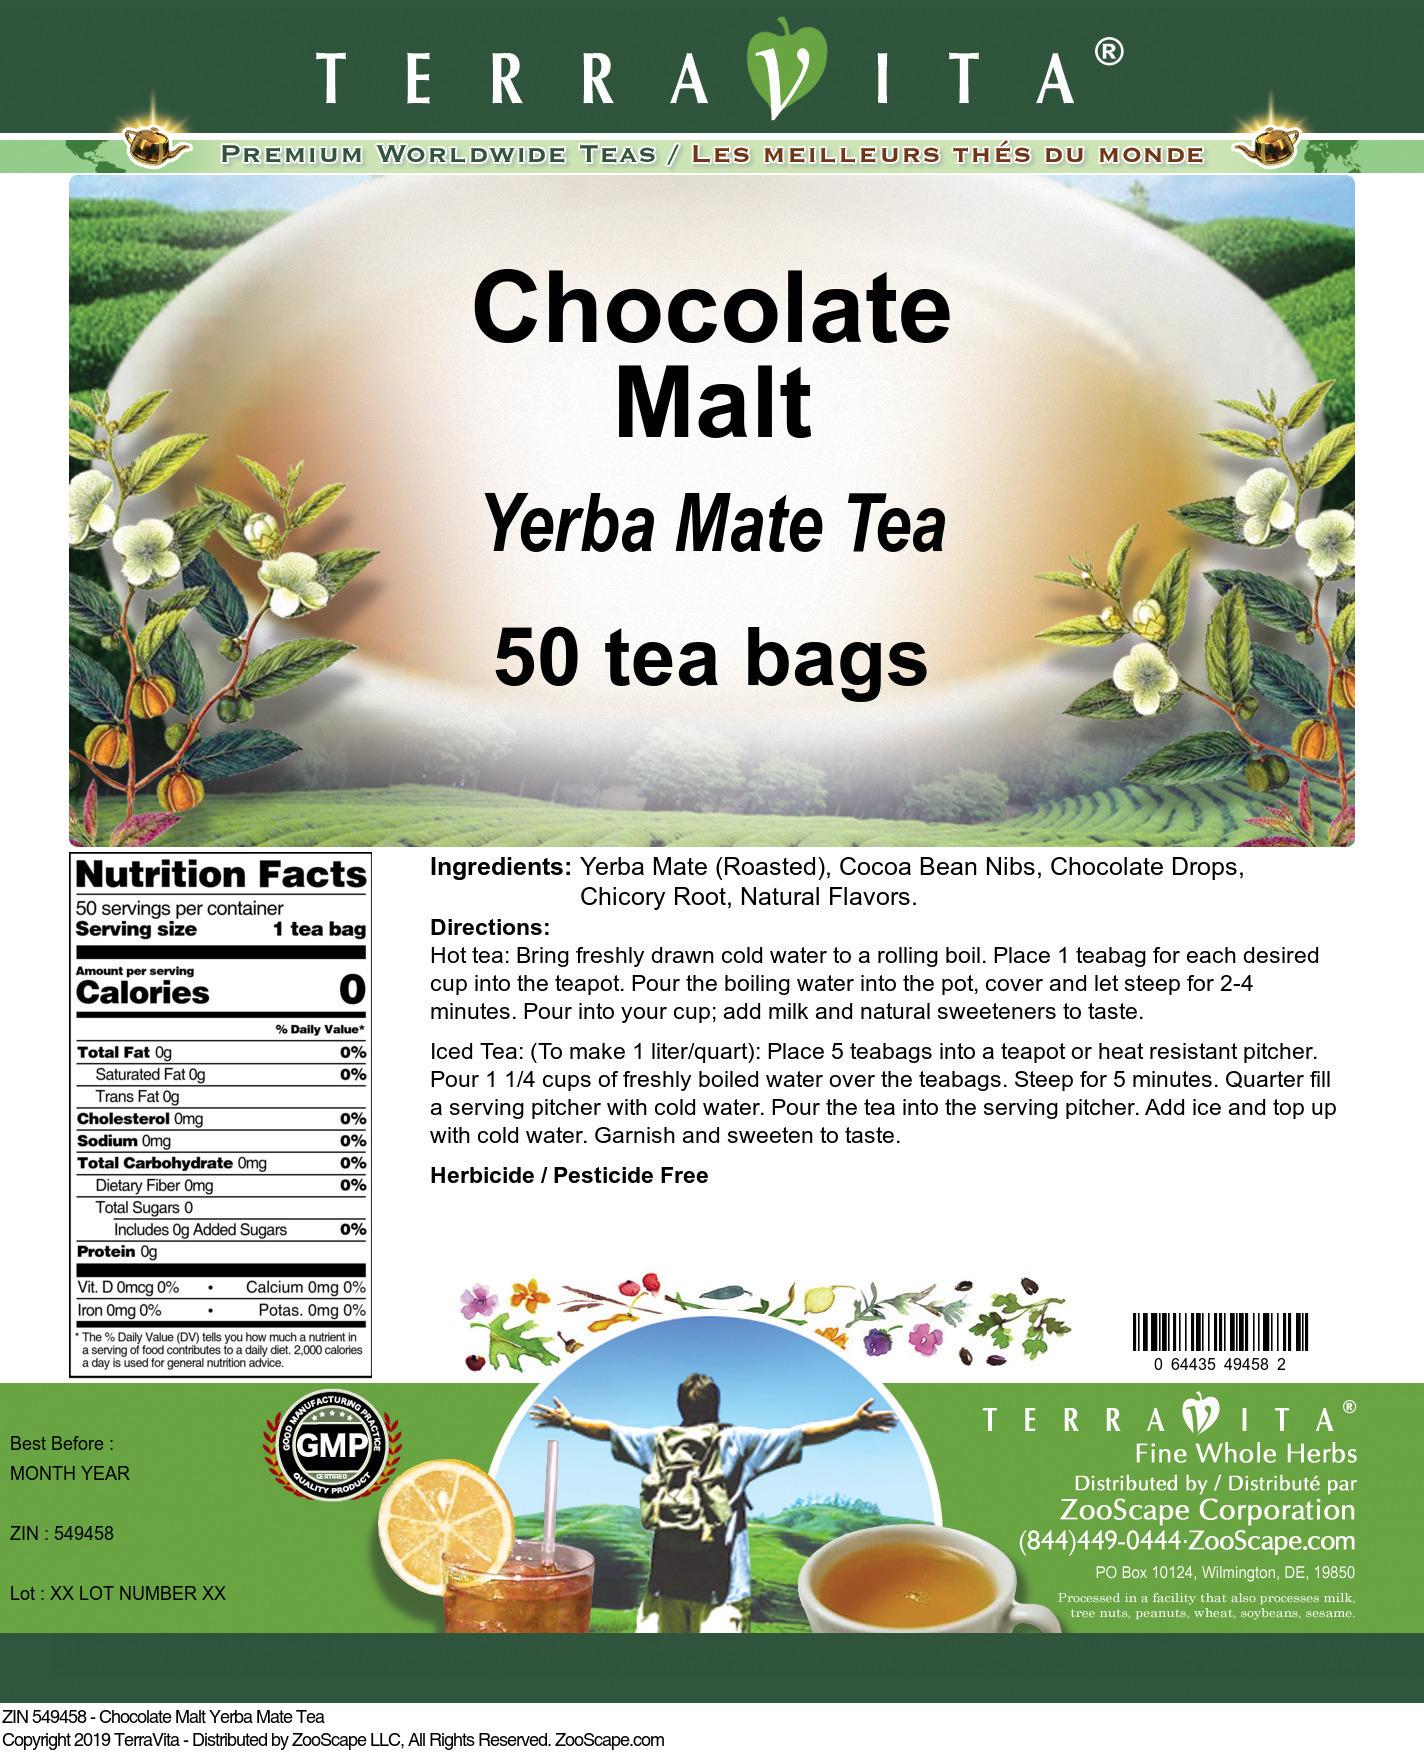 Chocolate Malt Yerba Mate Tea